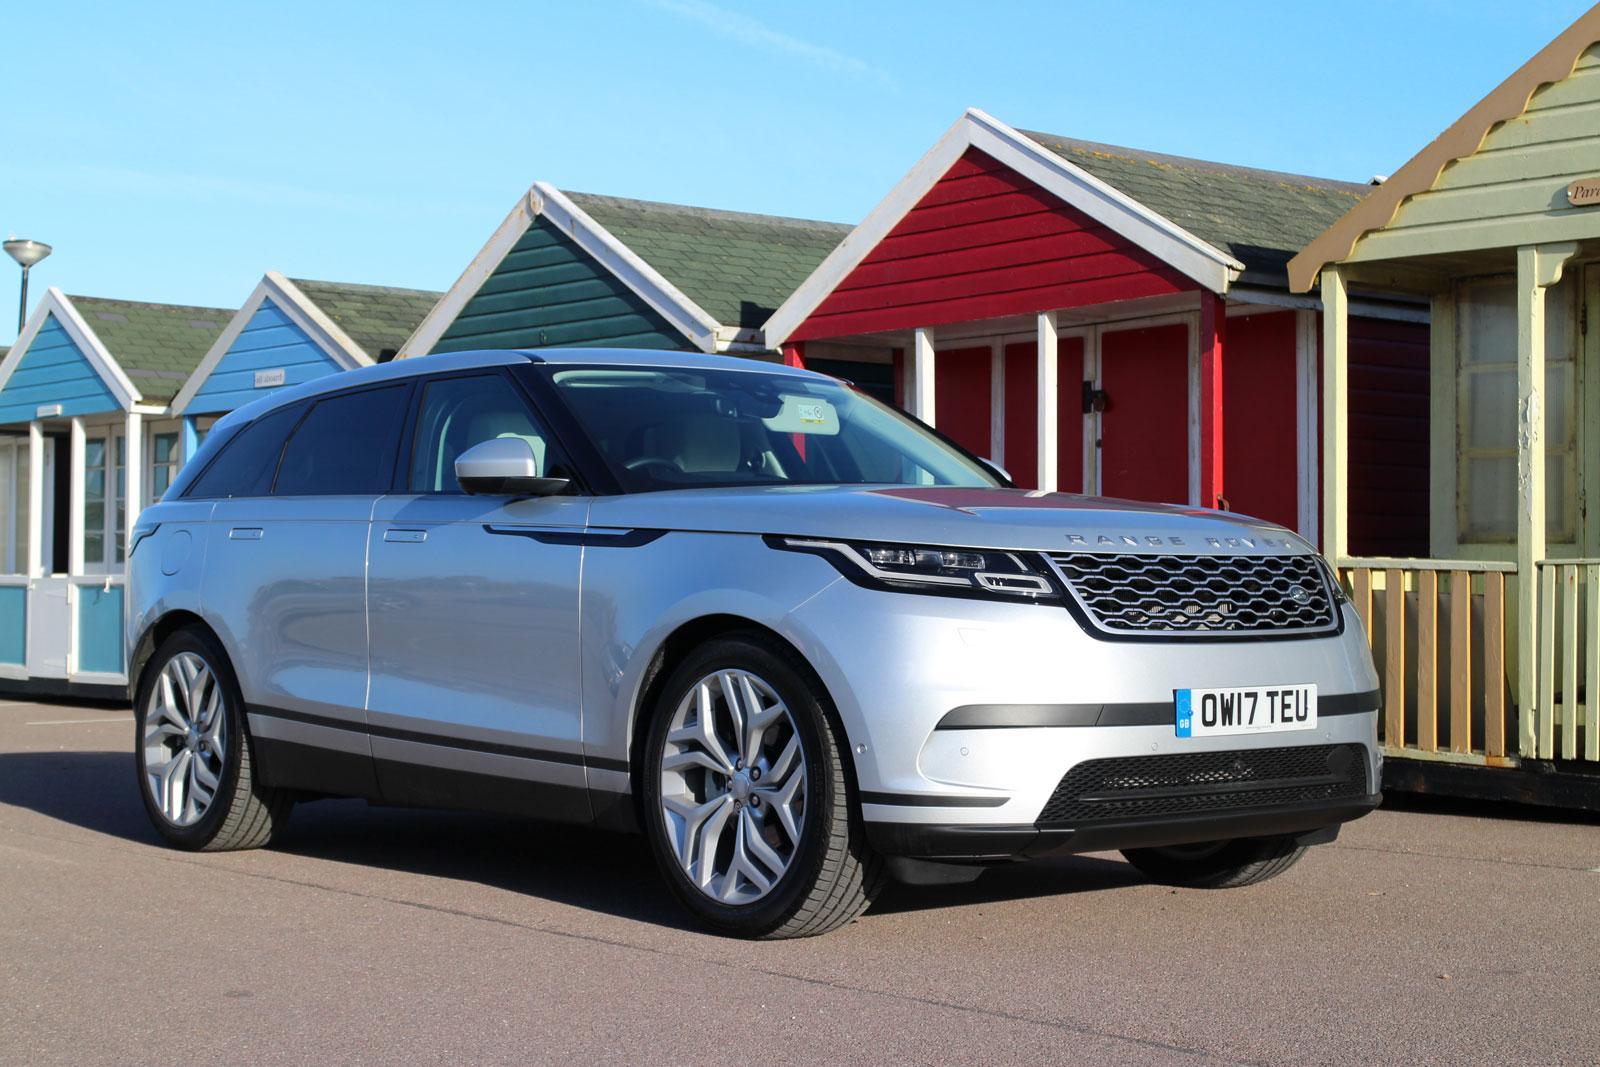 On Test: The Range Rover Velar HSE D240 7